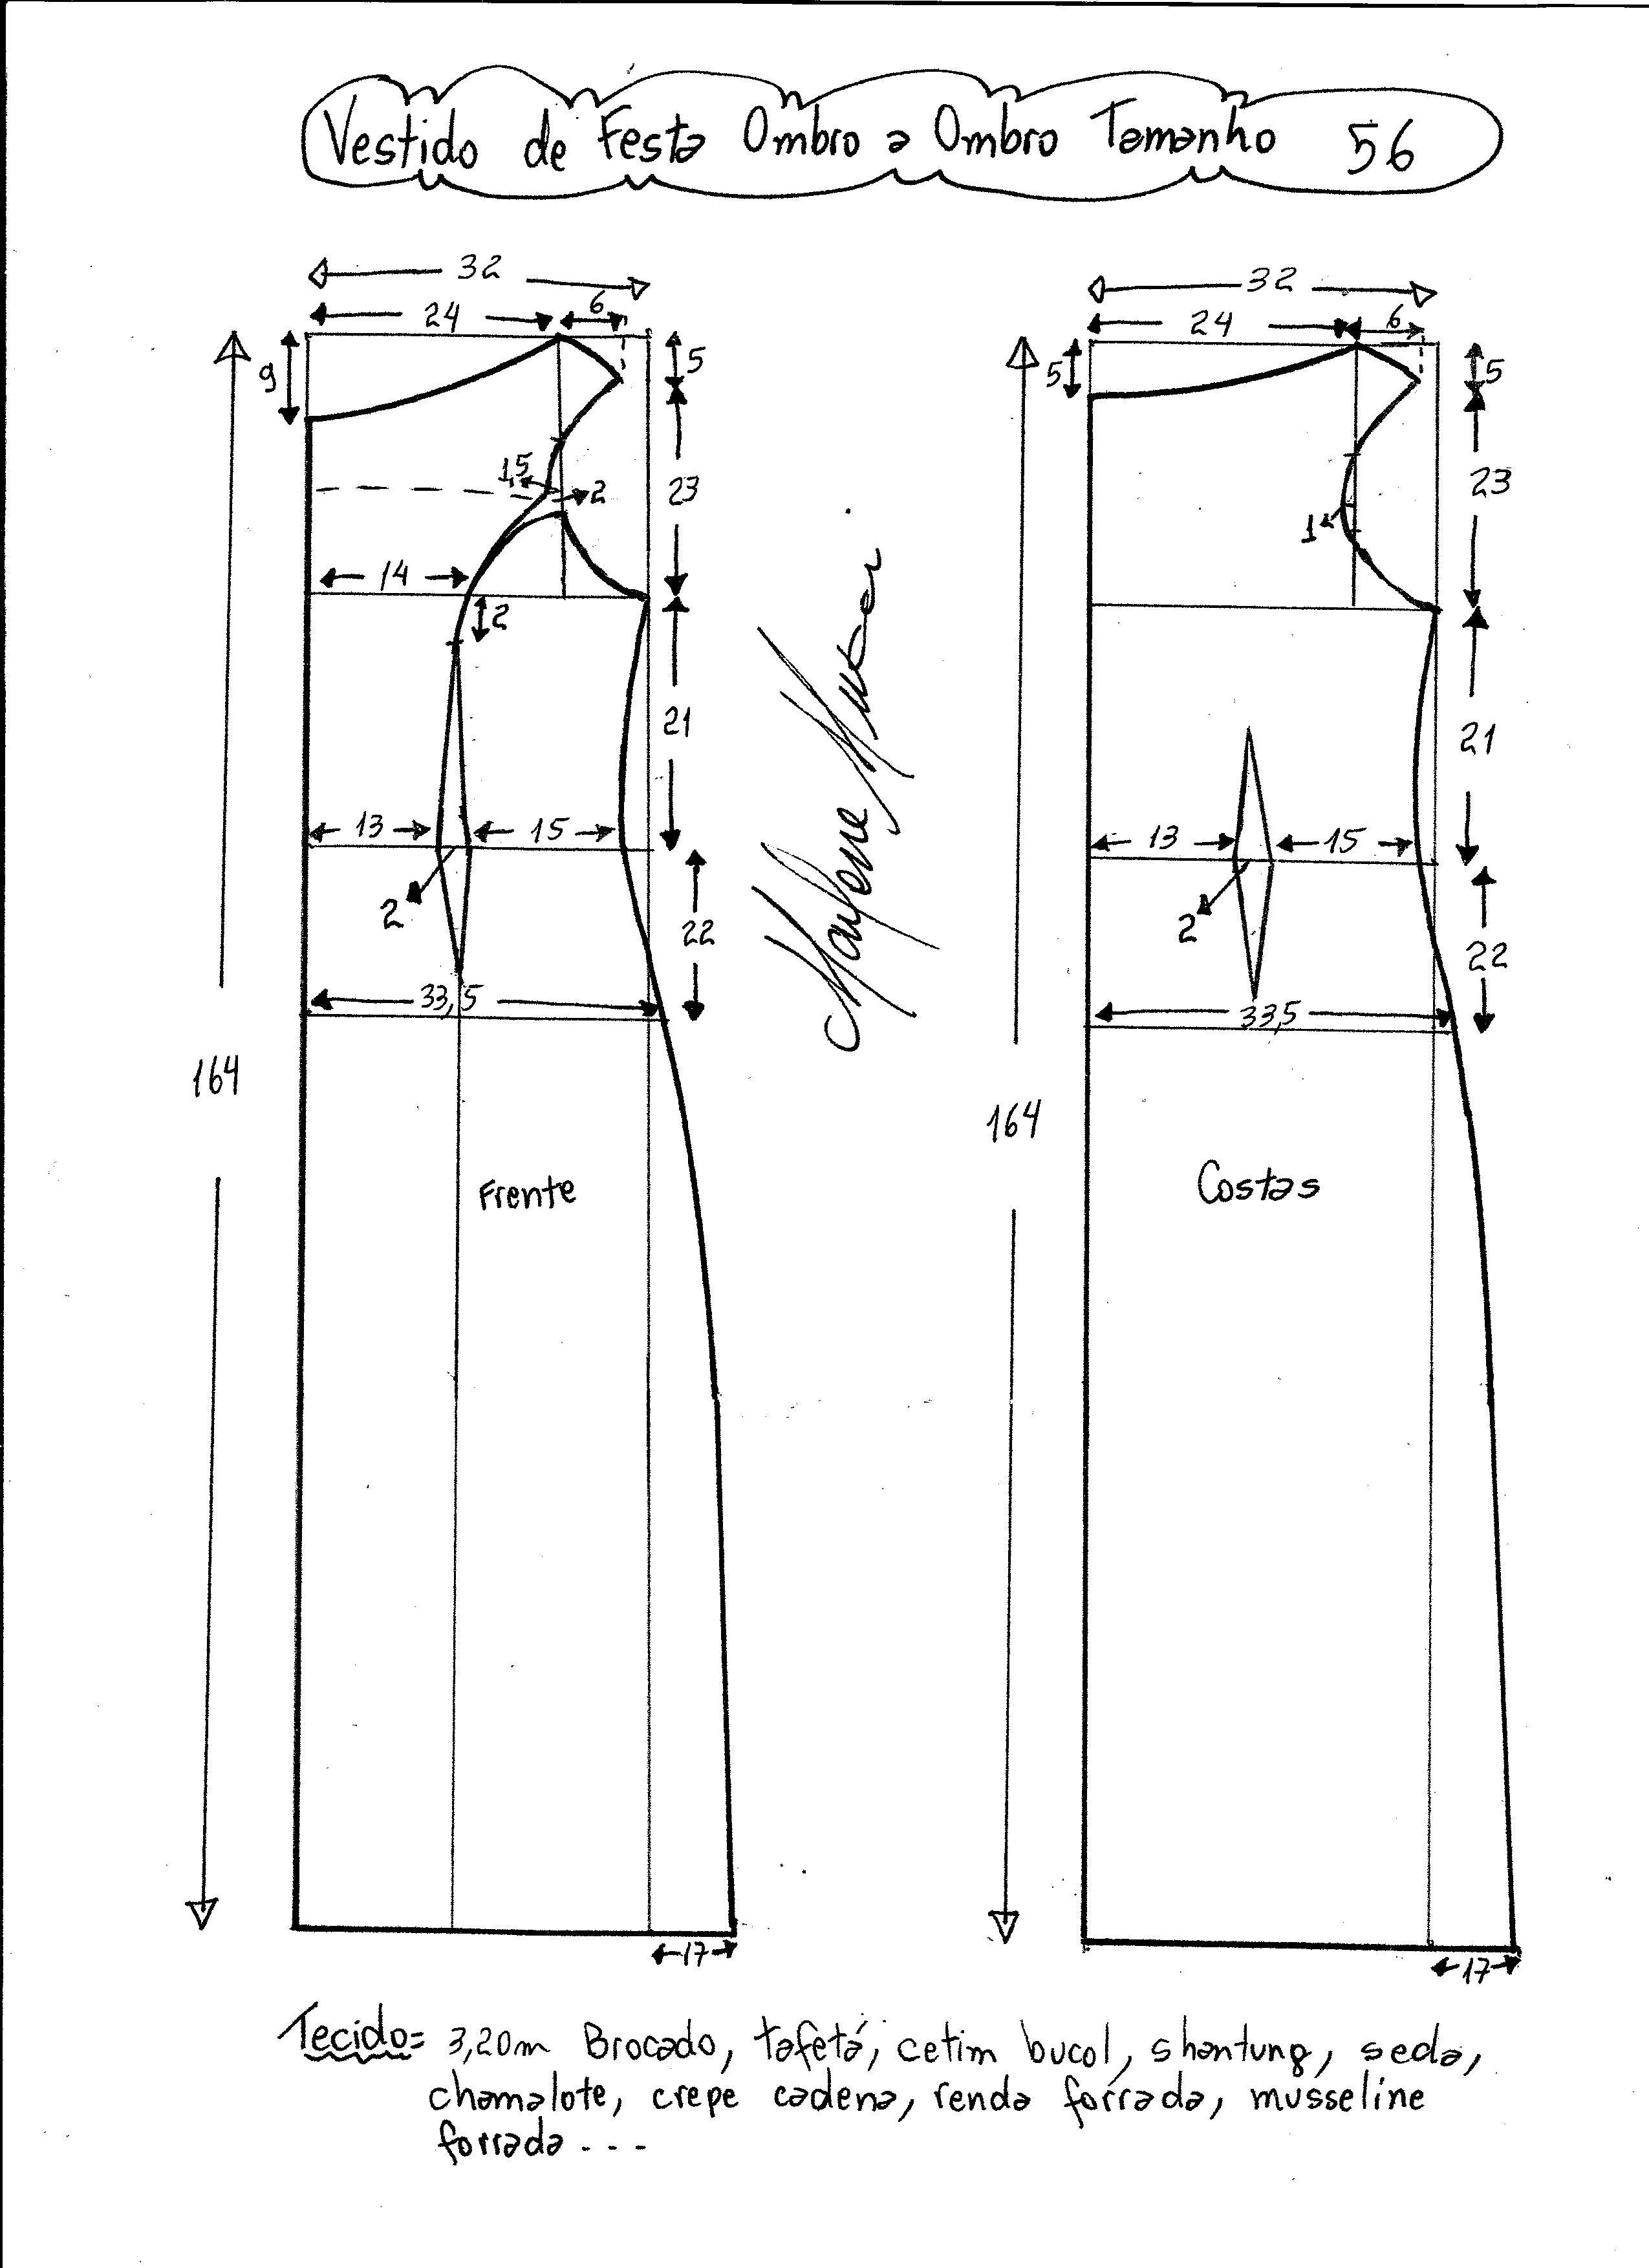 Vestido de festa ombro a ombro simples | Costura, Molde y Patrones